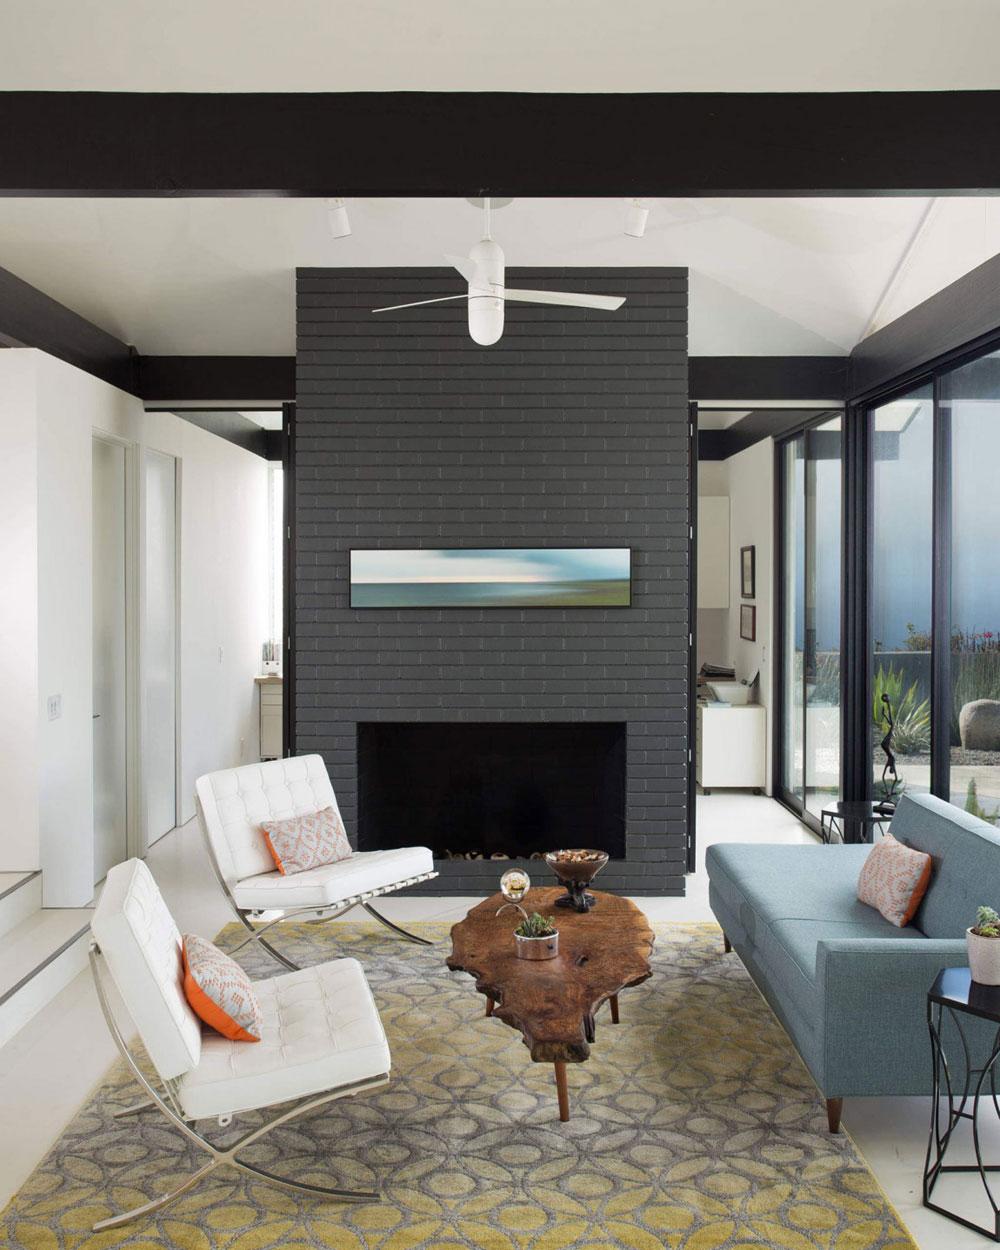 Vackert soligt hus skapat av Pierre Koenig och redesignat av Robert Sweet-61 Vackert soligt hus skapat av Pierre Koenig och redesignat av Robert Sweet